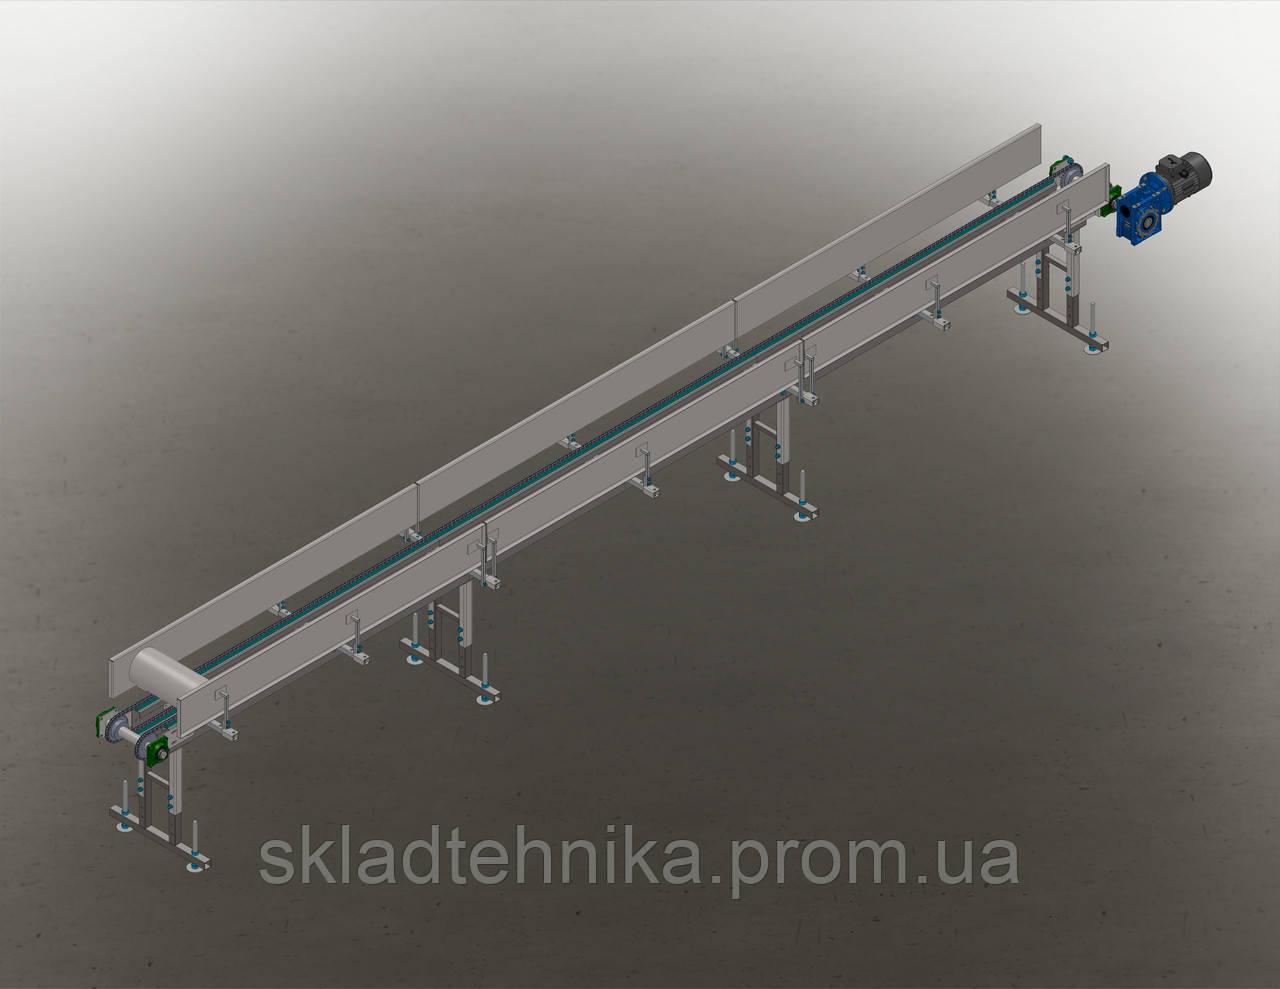 Система транспортеров для я конвейеры строительные передвижные